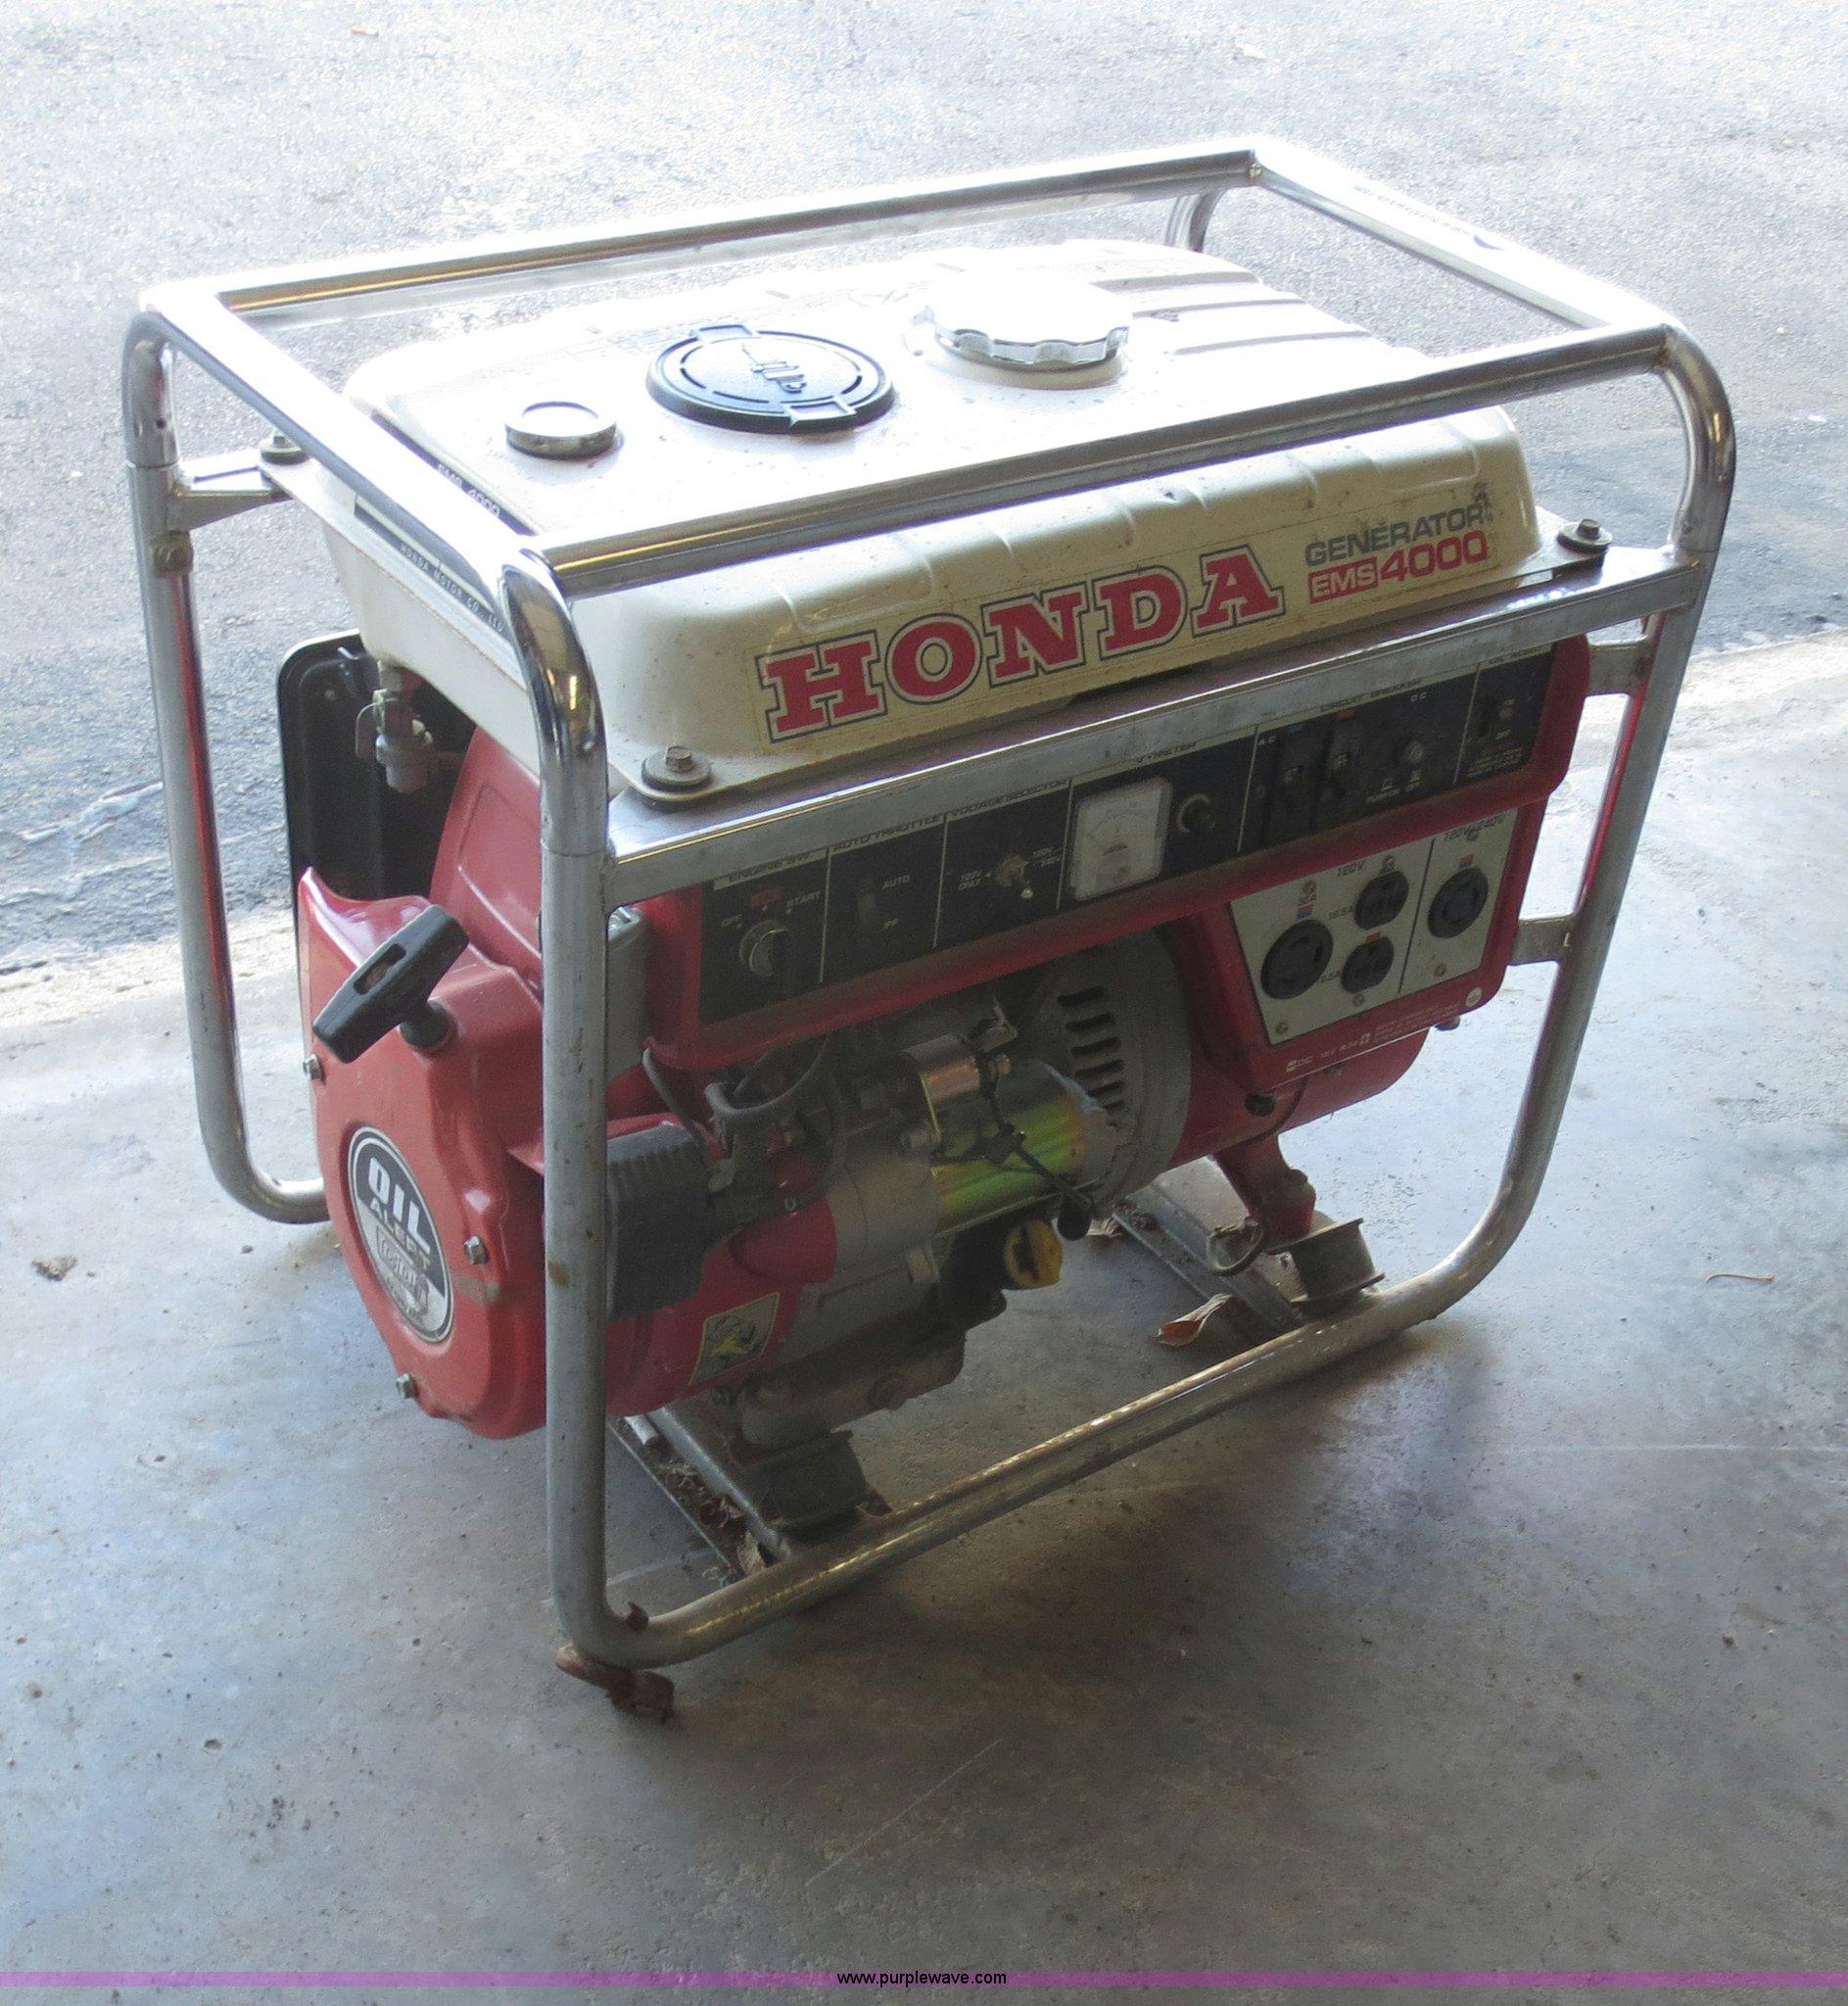 Honda 4,000 watt generator | Item V9114 | SOLD! February 20 ...